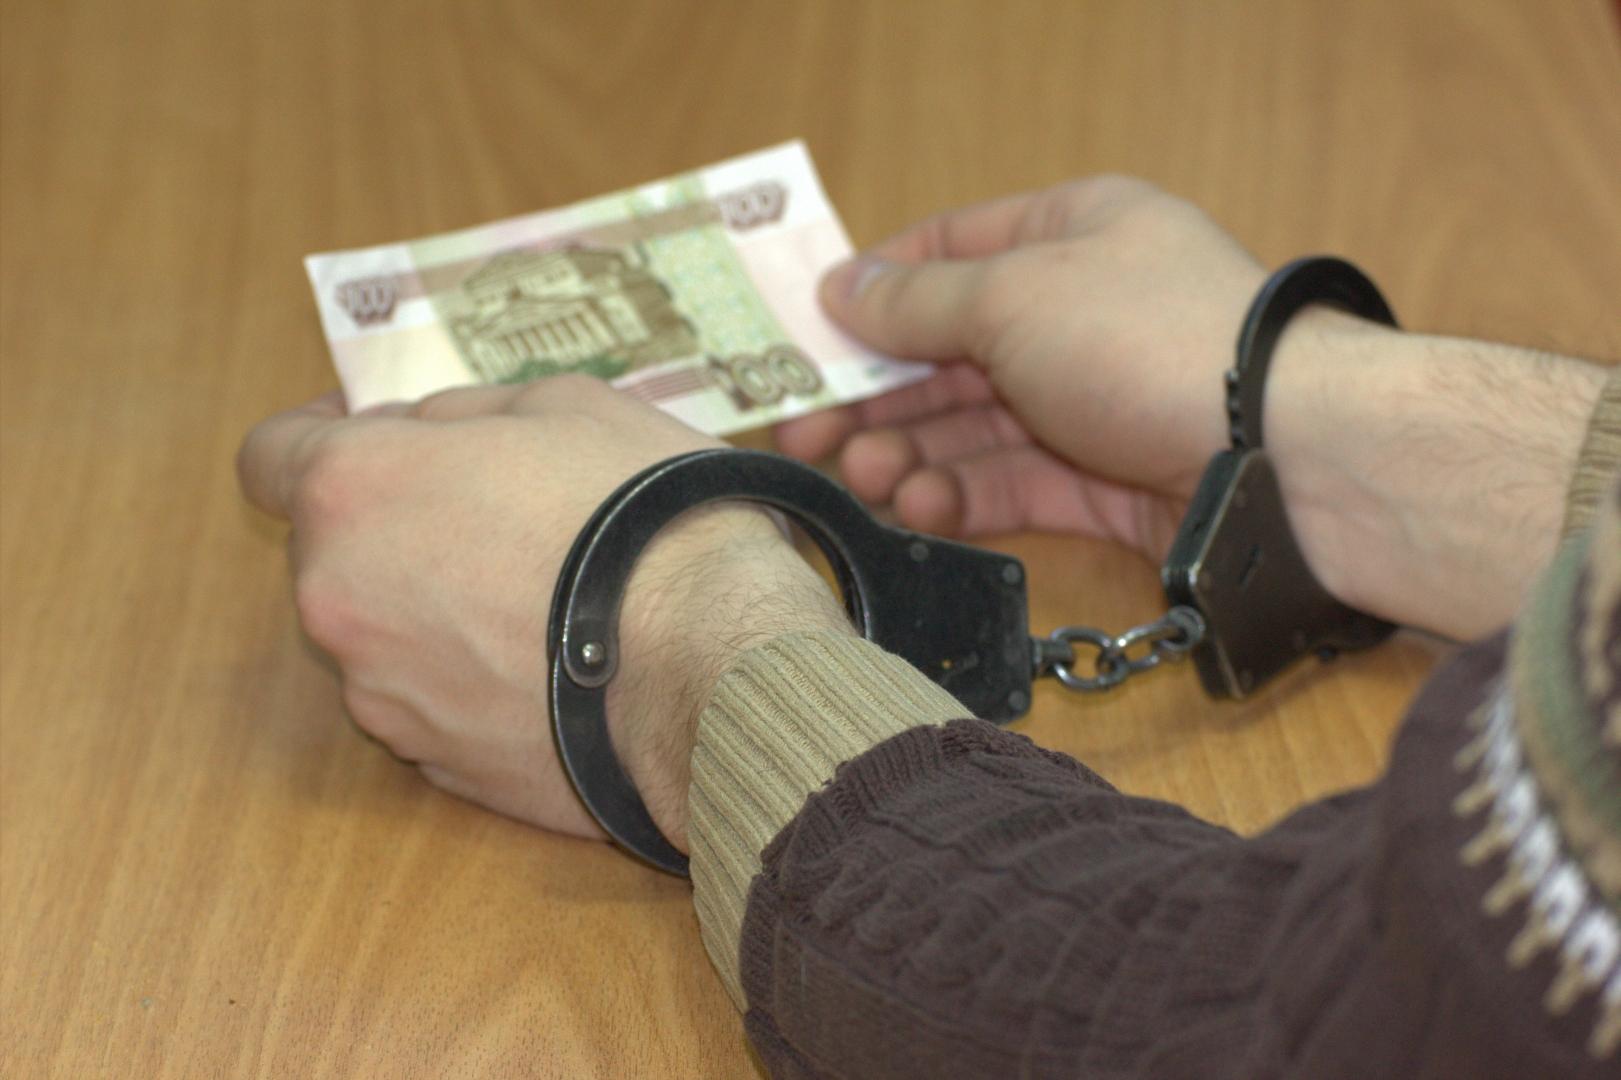 СМИ: энергетики предлагают сажать россиян в тюрьму за 41